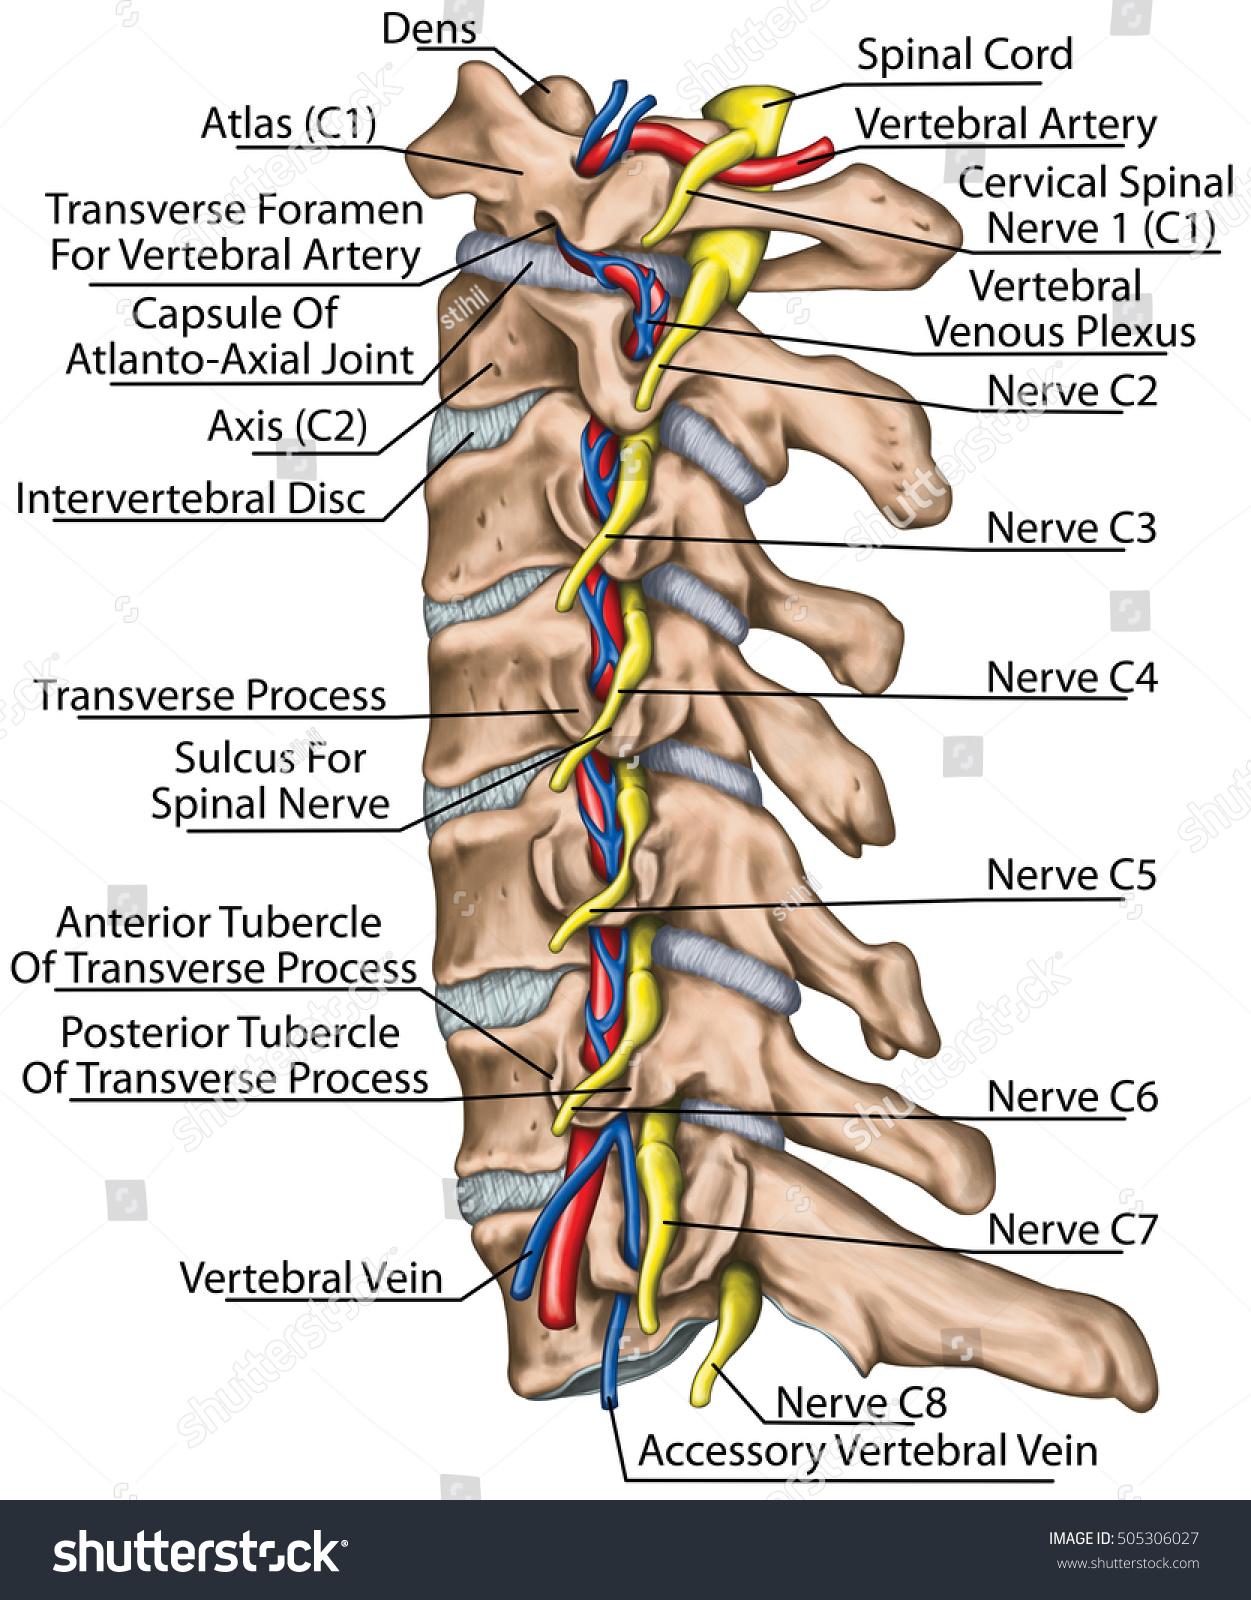 Diagram Of Nerves In Cervical Spine - Information Of Wiring Diagram •